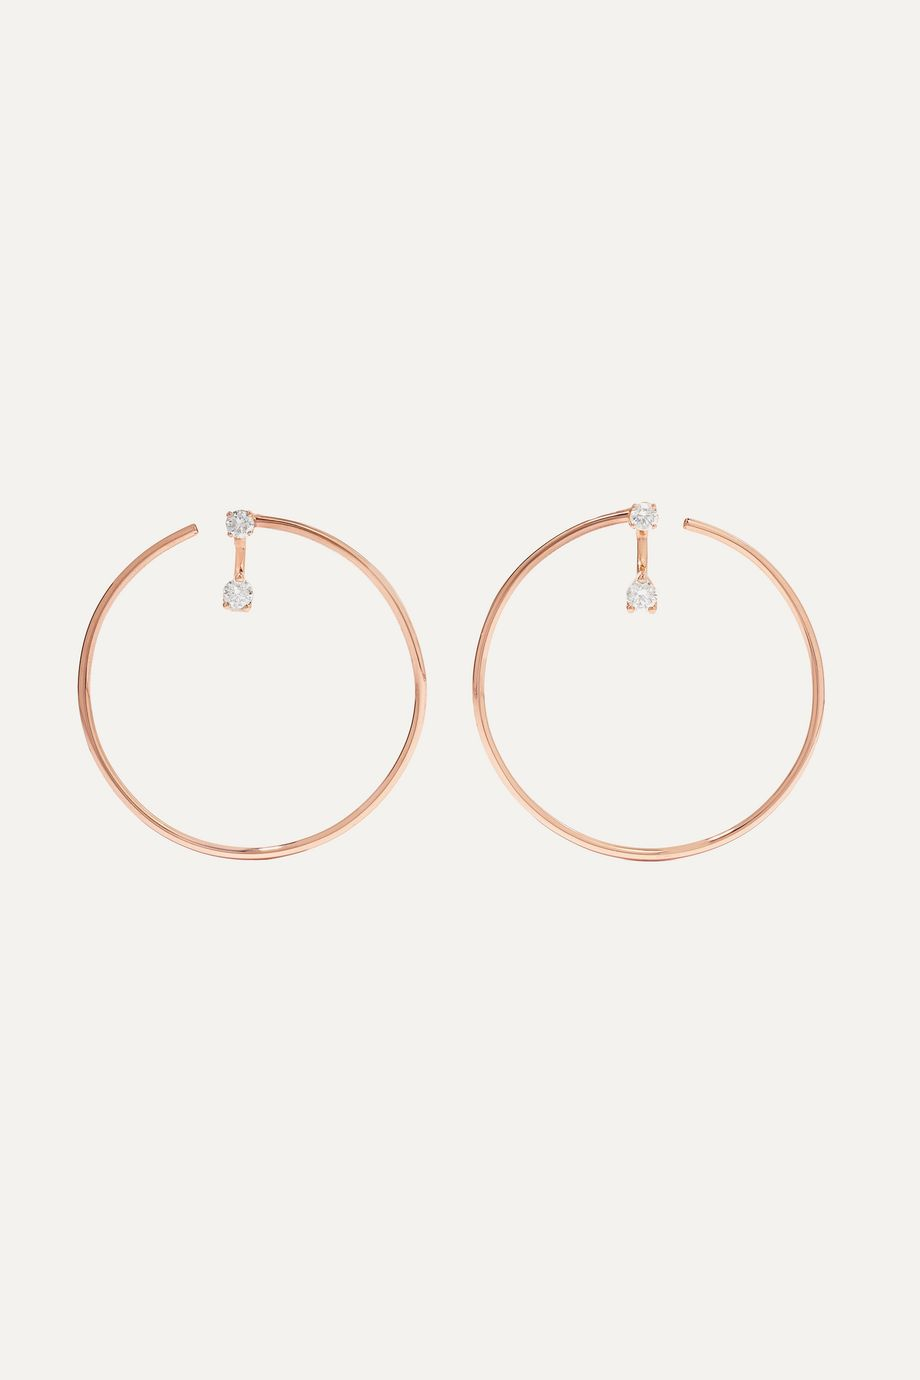 Anita Ko Bardot 18-karat rose gold diamond hoop earrings